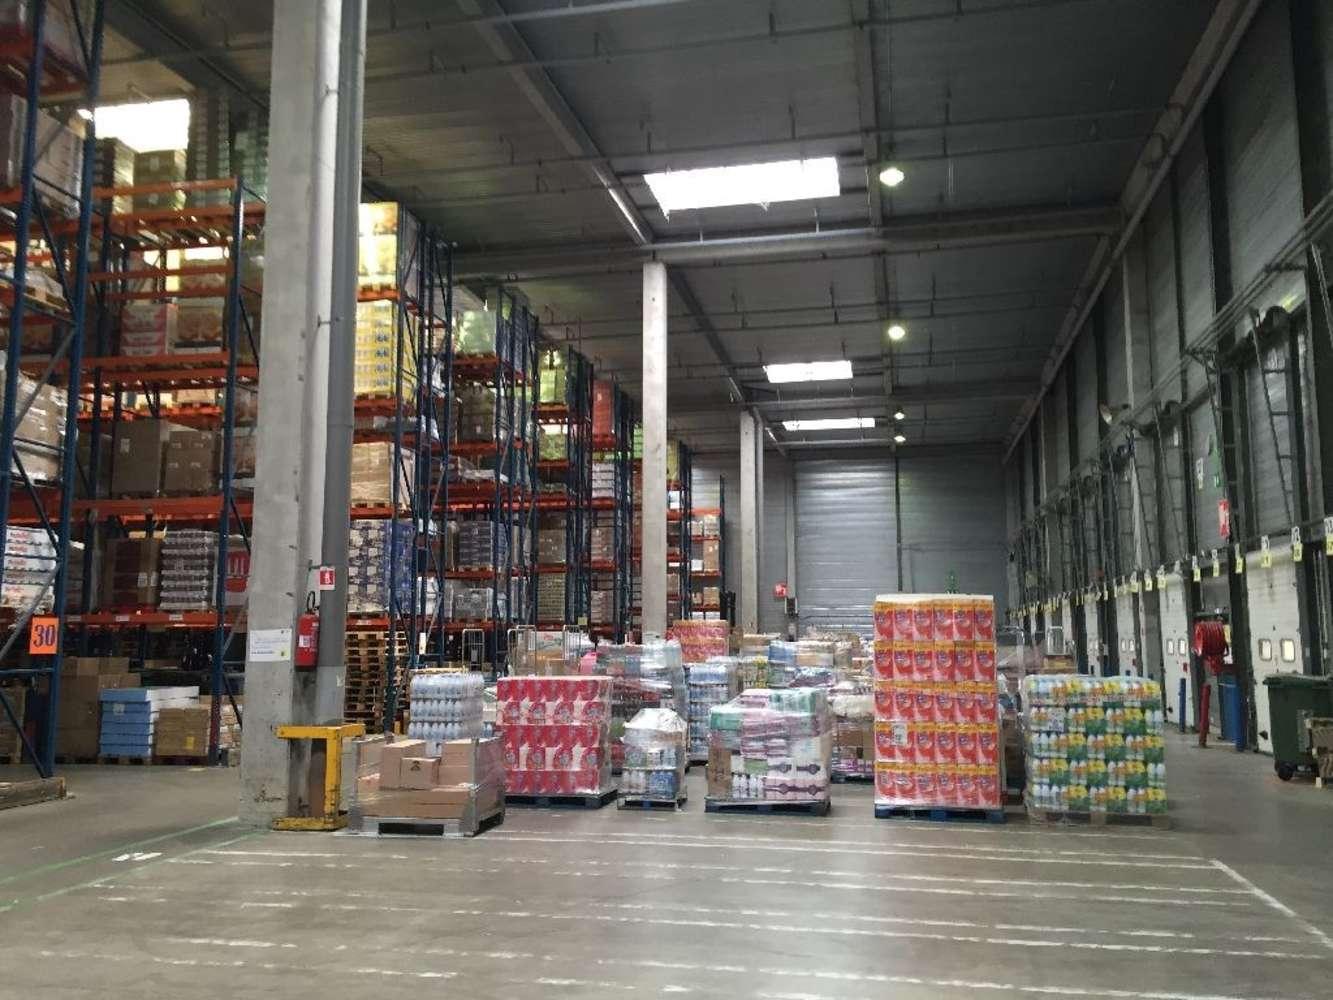 Plateformes logistiques Laiz, 01290 - Entrepôt logistique à louer - Ain (01) - 9461743